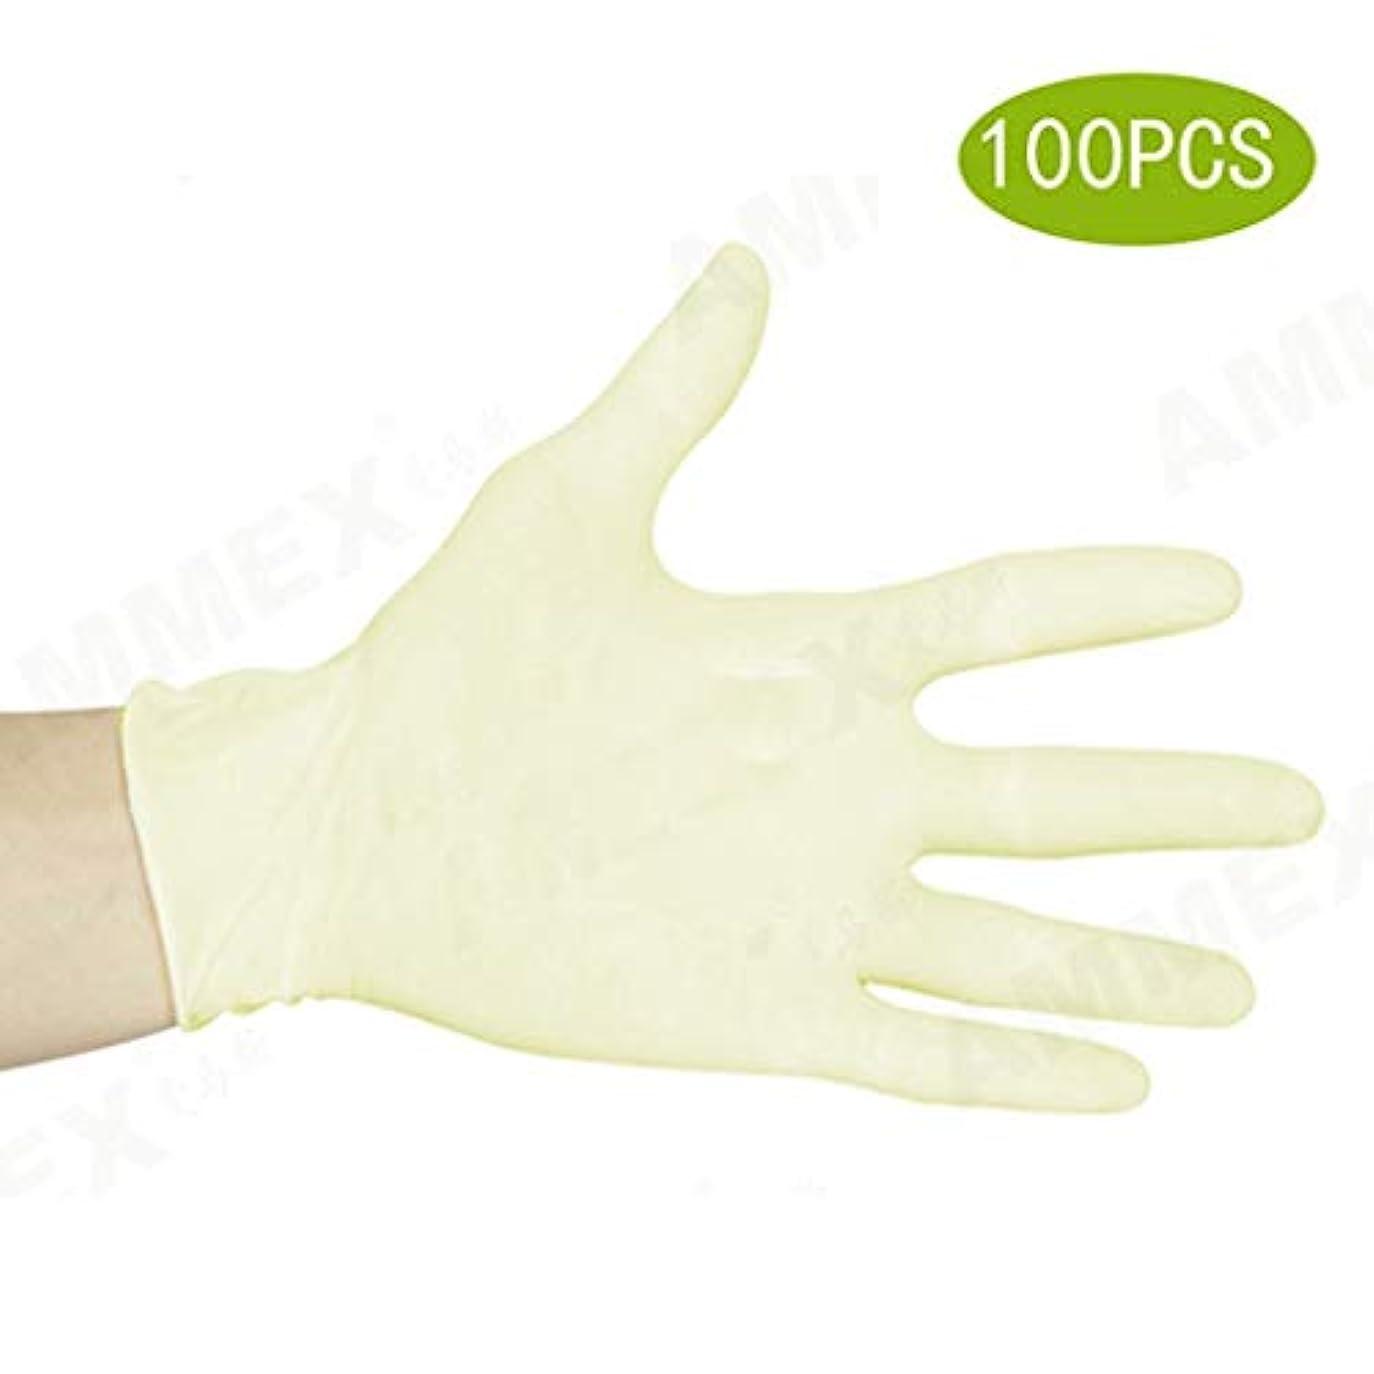 池にはまって一致ニトリル手袋、パウダーフリー、ラテックスゴムフリー、使い捨て手袋 - 非滅菌、食品安全、医療用グレード、100の便利なディスペンサーパック、ビニール手袋(エクストラストレングス) (Color : Latex Gloves...